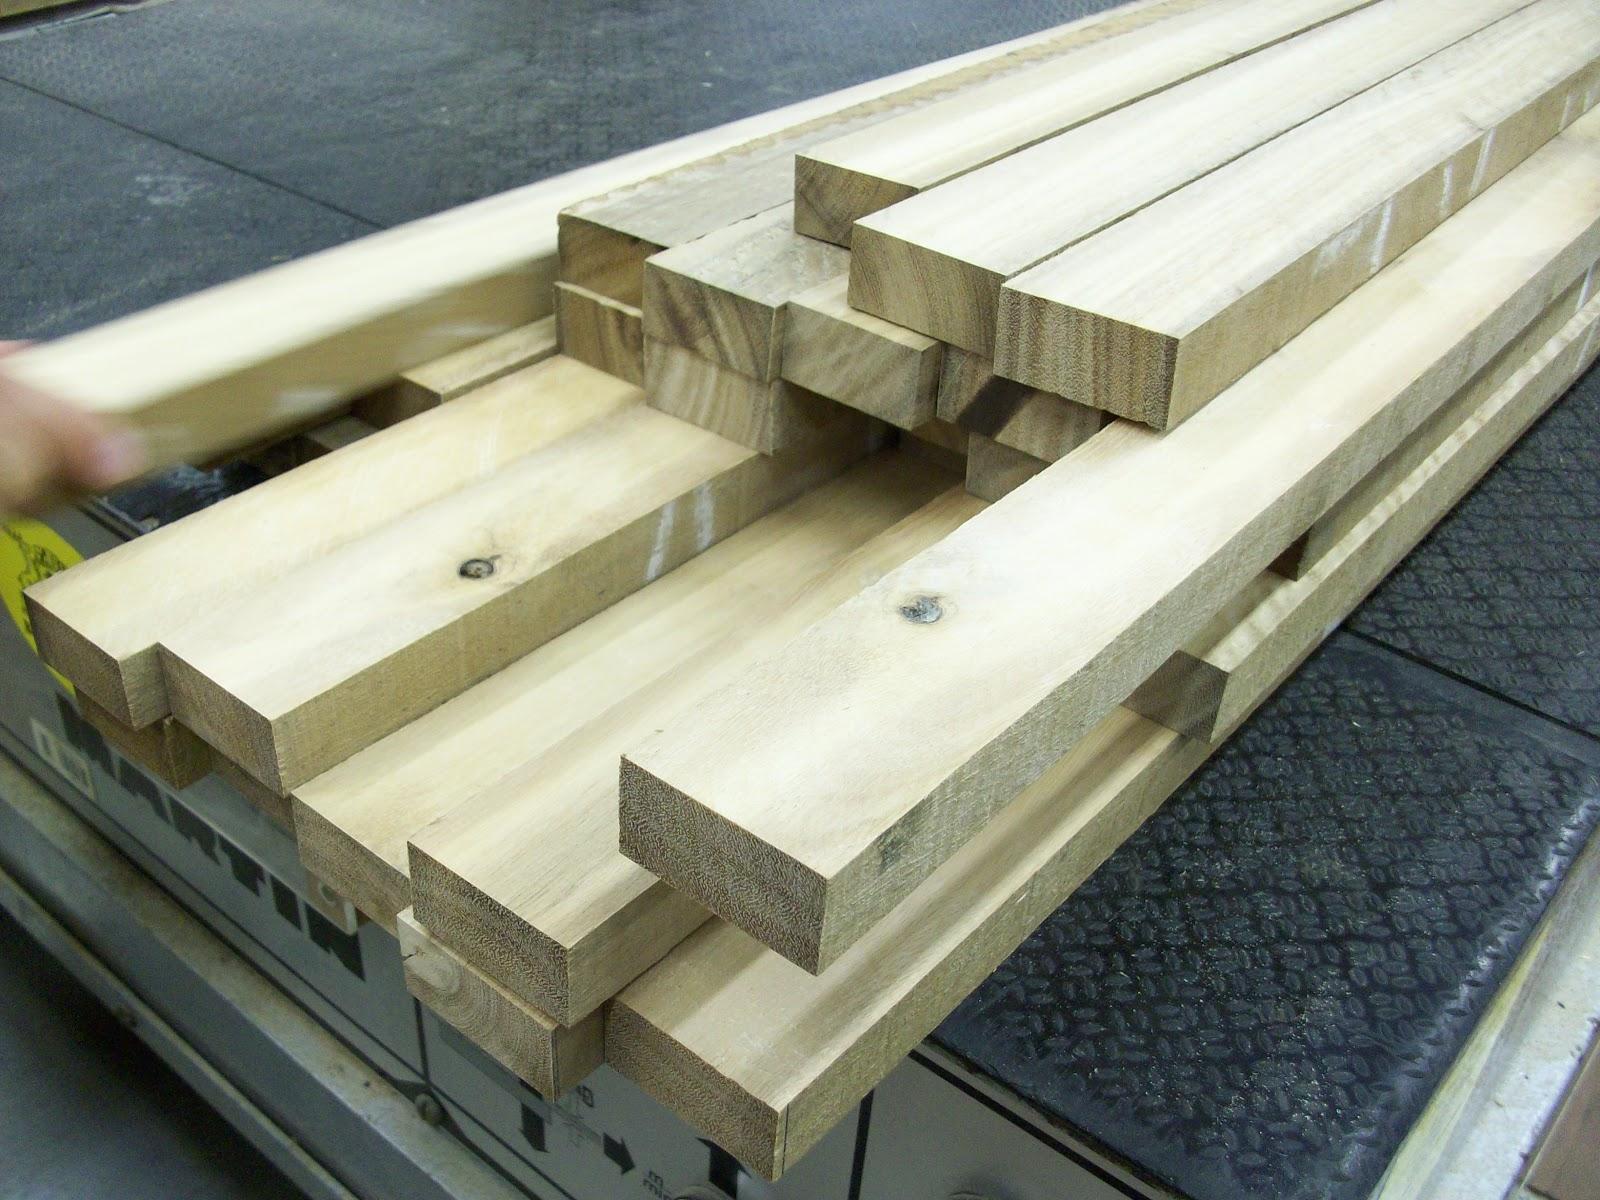 Técnicas de marcenaria: Projetos de móveis Banqueta de madeira #7A814A 1600x1200